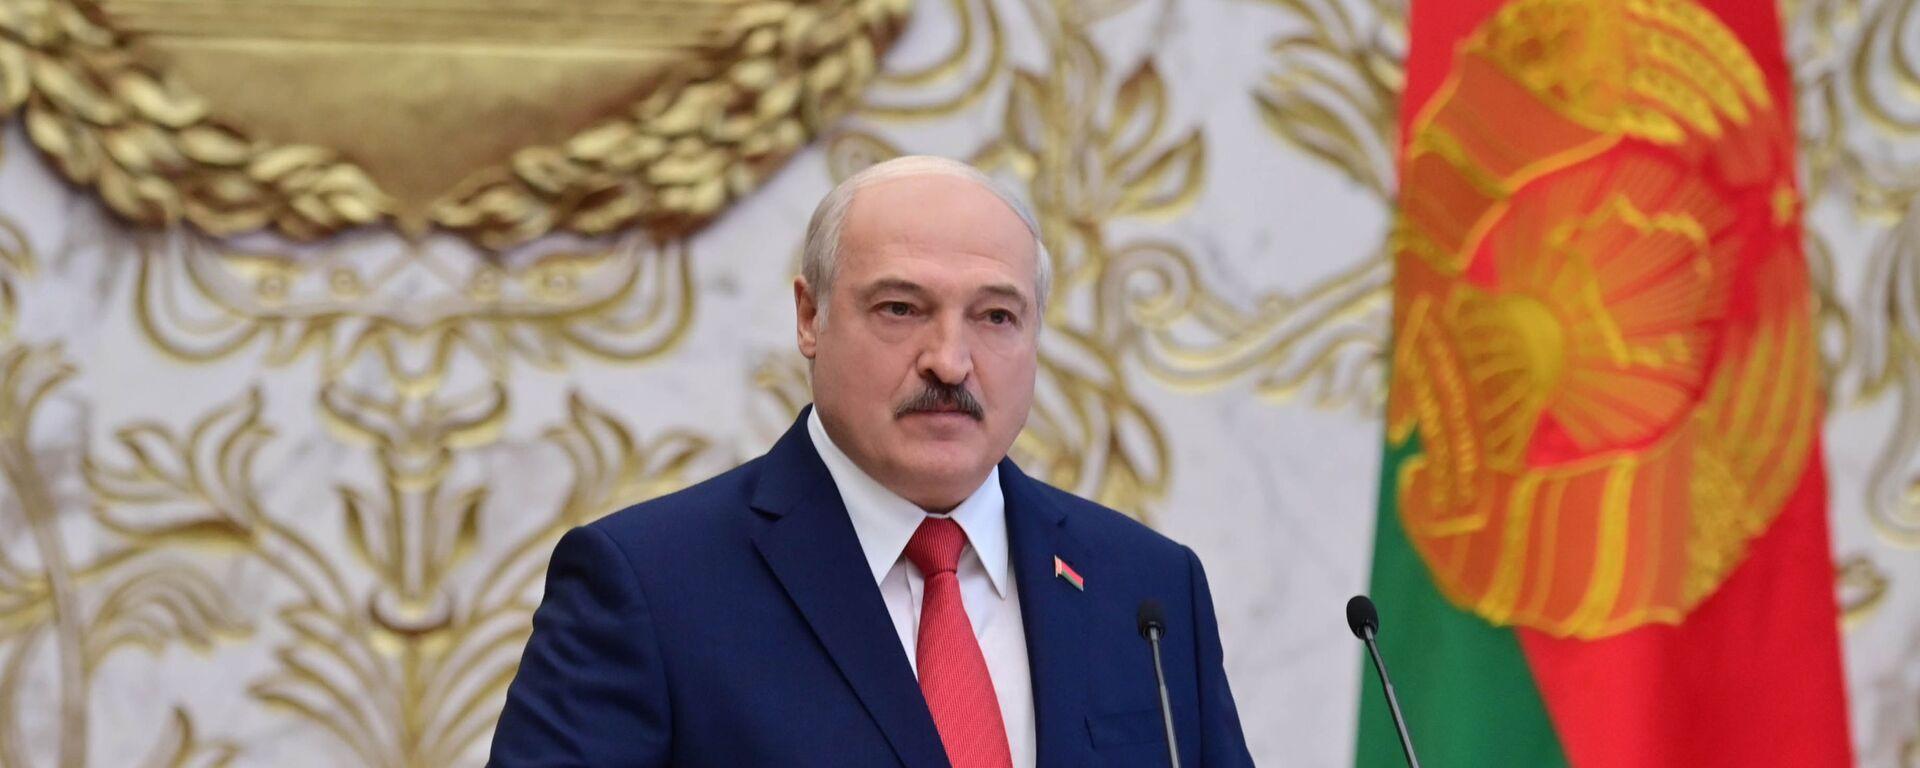 La investidura de Alexandr Lukashenko en Bielorrusia - Sputnik Mundo, 1920, 26.05.2021